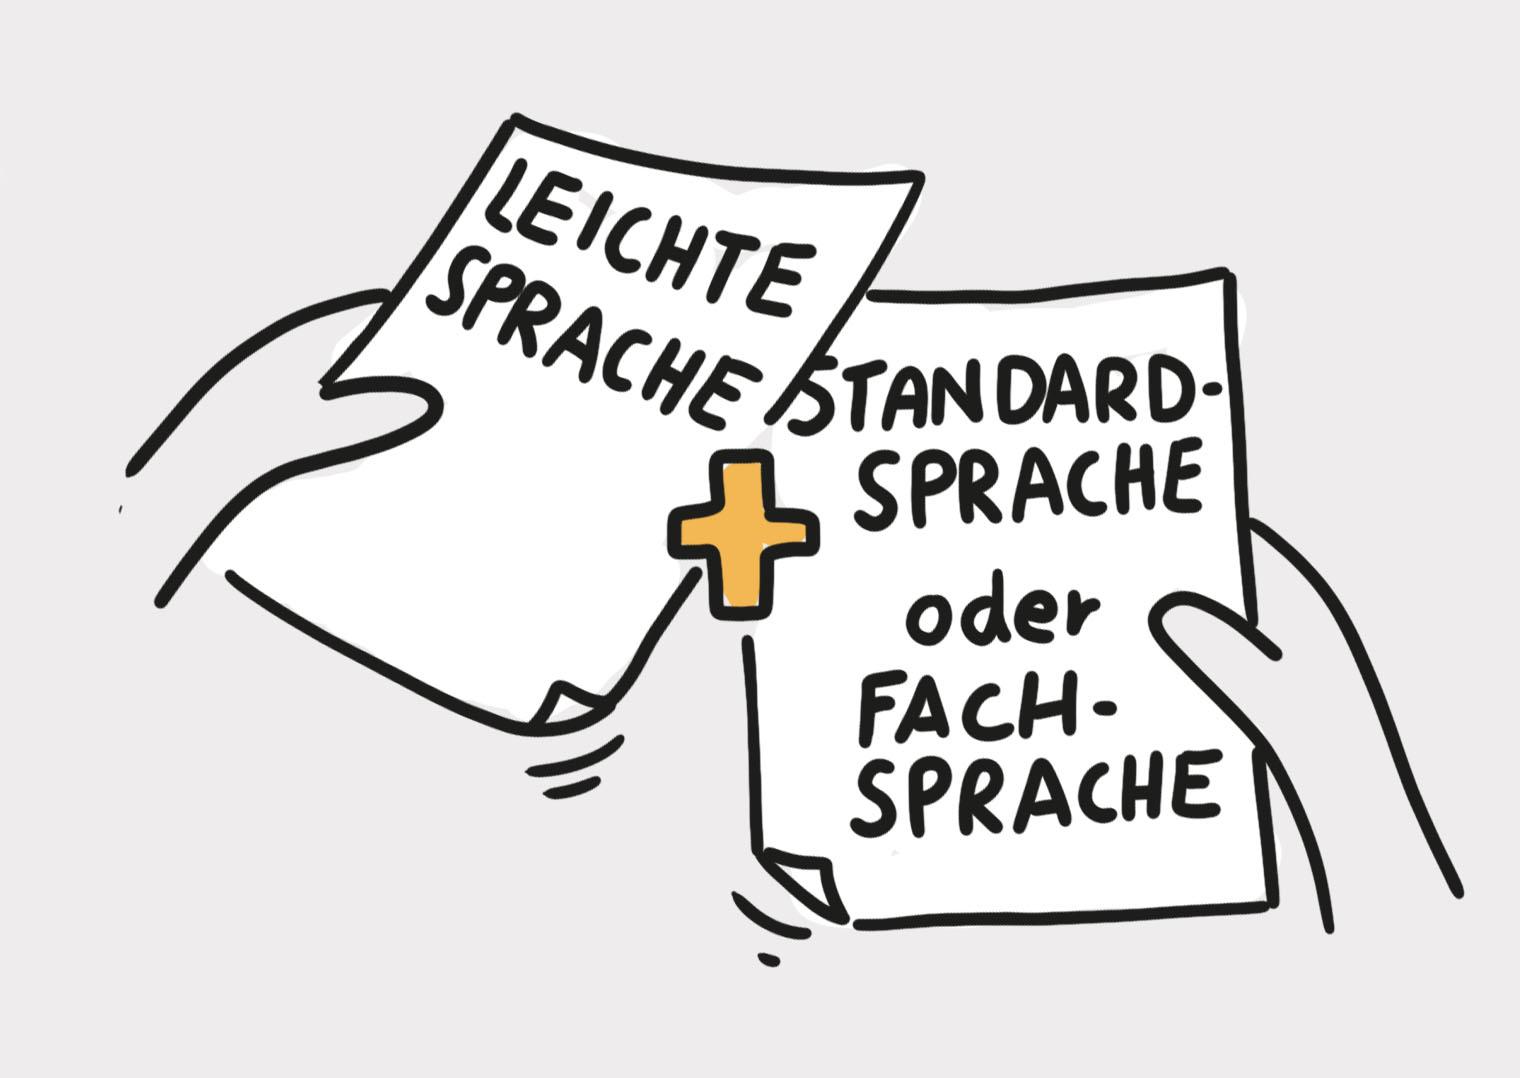 Hände kombinieren ein Blatt mit der Aufschrift Leichte Sprache und eines mit der Aufschrift Standardsprache oder Fachsprache